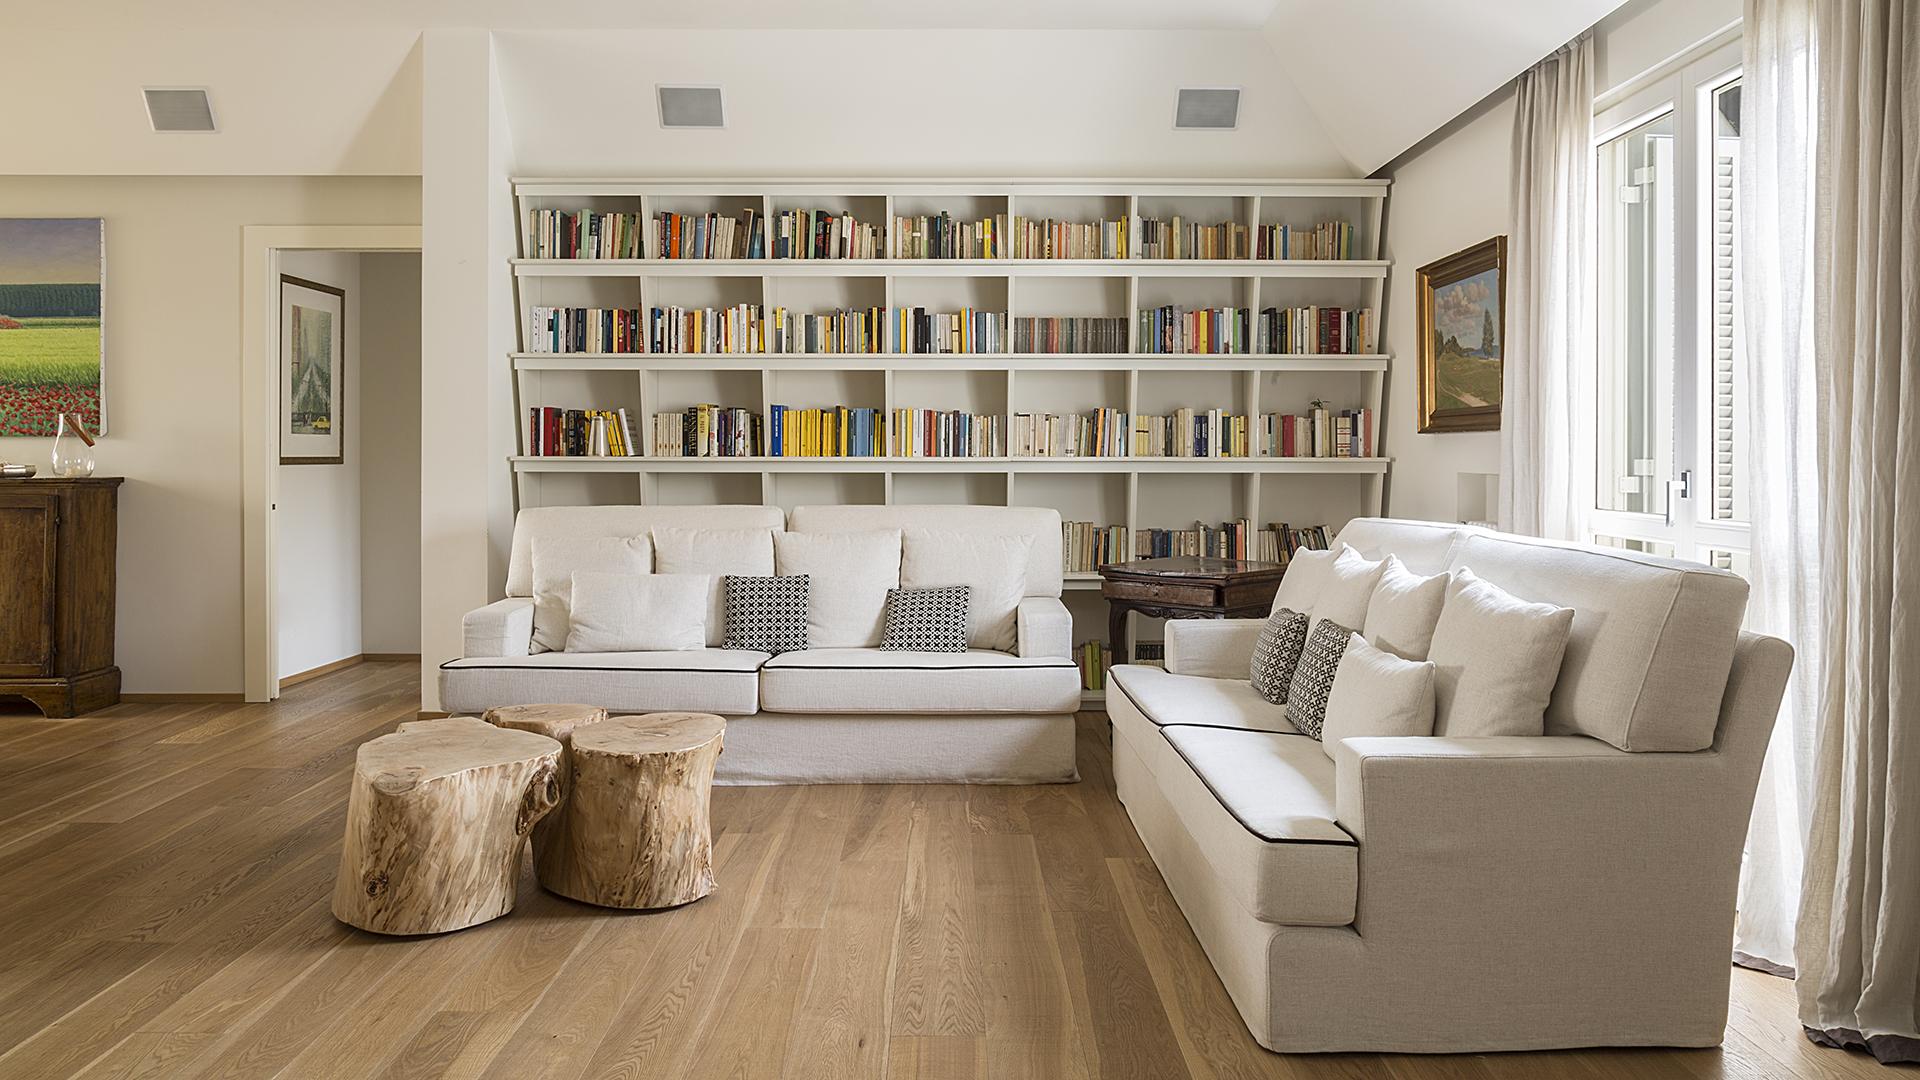 Casa privata 300 antonella tesei architetto milano - Architetto interni milano ...